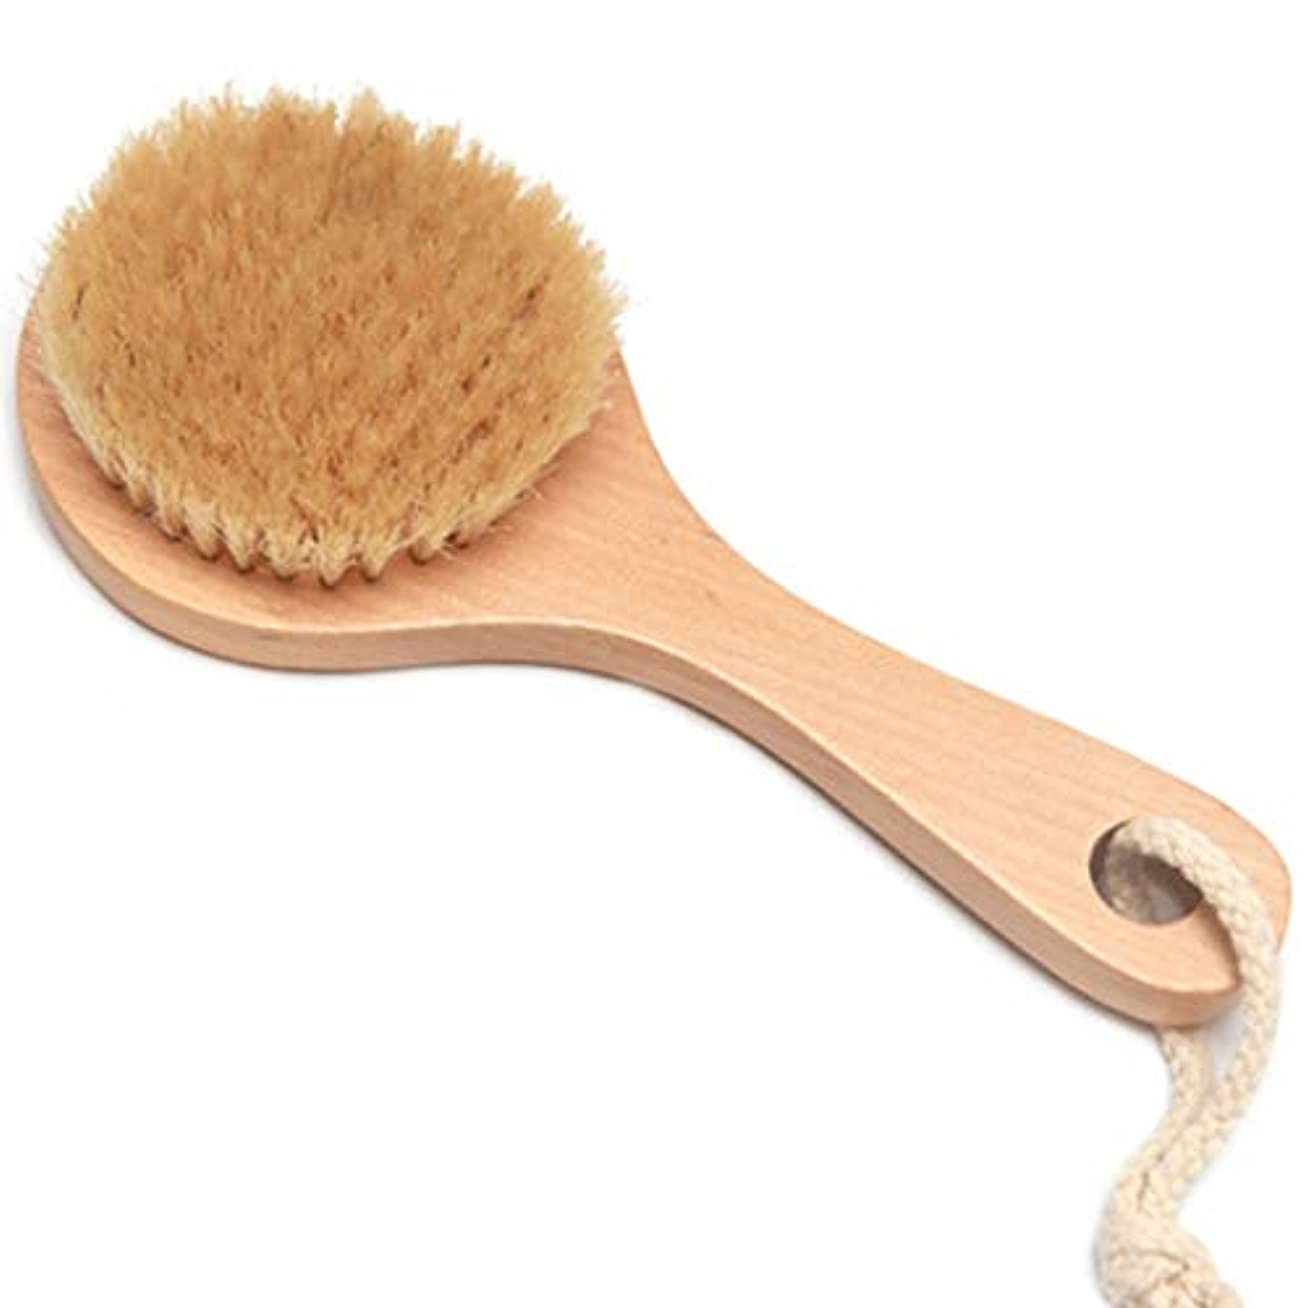 足シルエットパンダバスブラシバックブラシロングハンドルやわらかい毛髪バスブラシバスブラシ角質除去クリーニングブラシ (Color : Wood color, Size : 20*7.5cm)